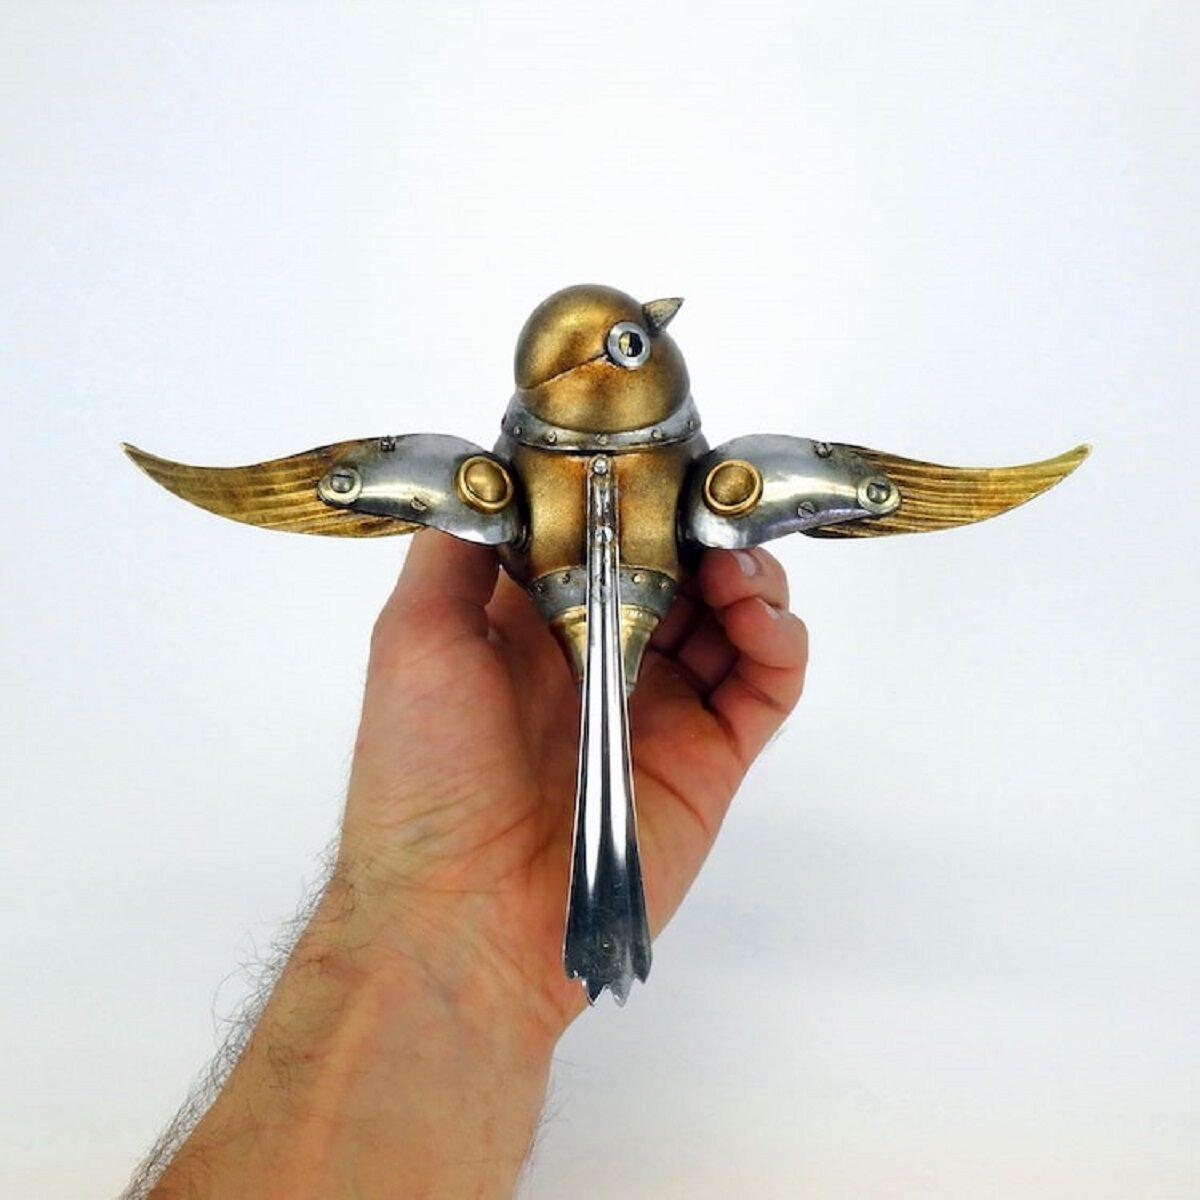 Artista cria esculturas de animais com pecas mecanicas descartadas em estilo Steampunk 16